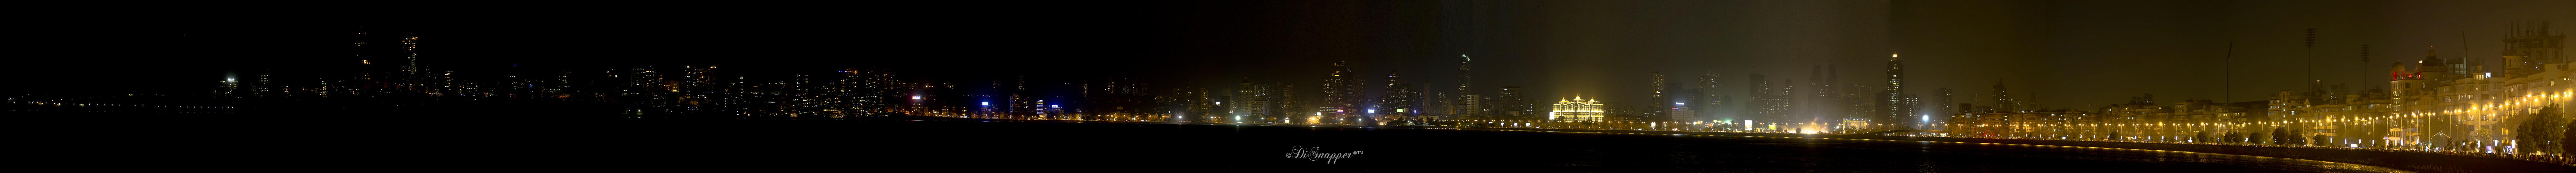 Panorama of Marine Drive, Bombay